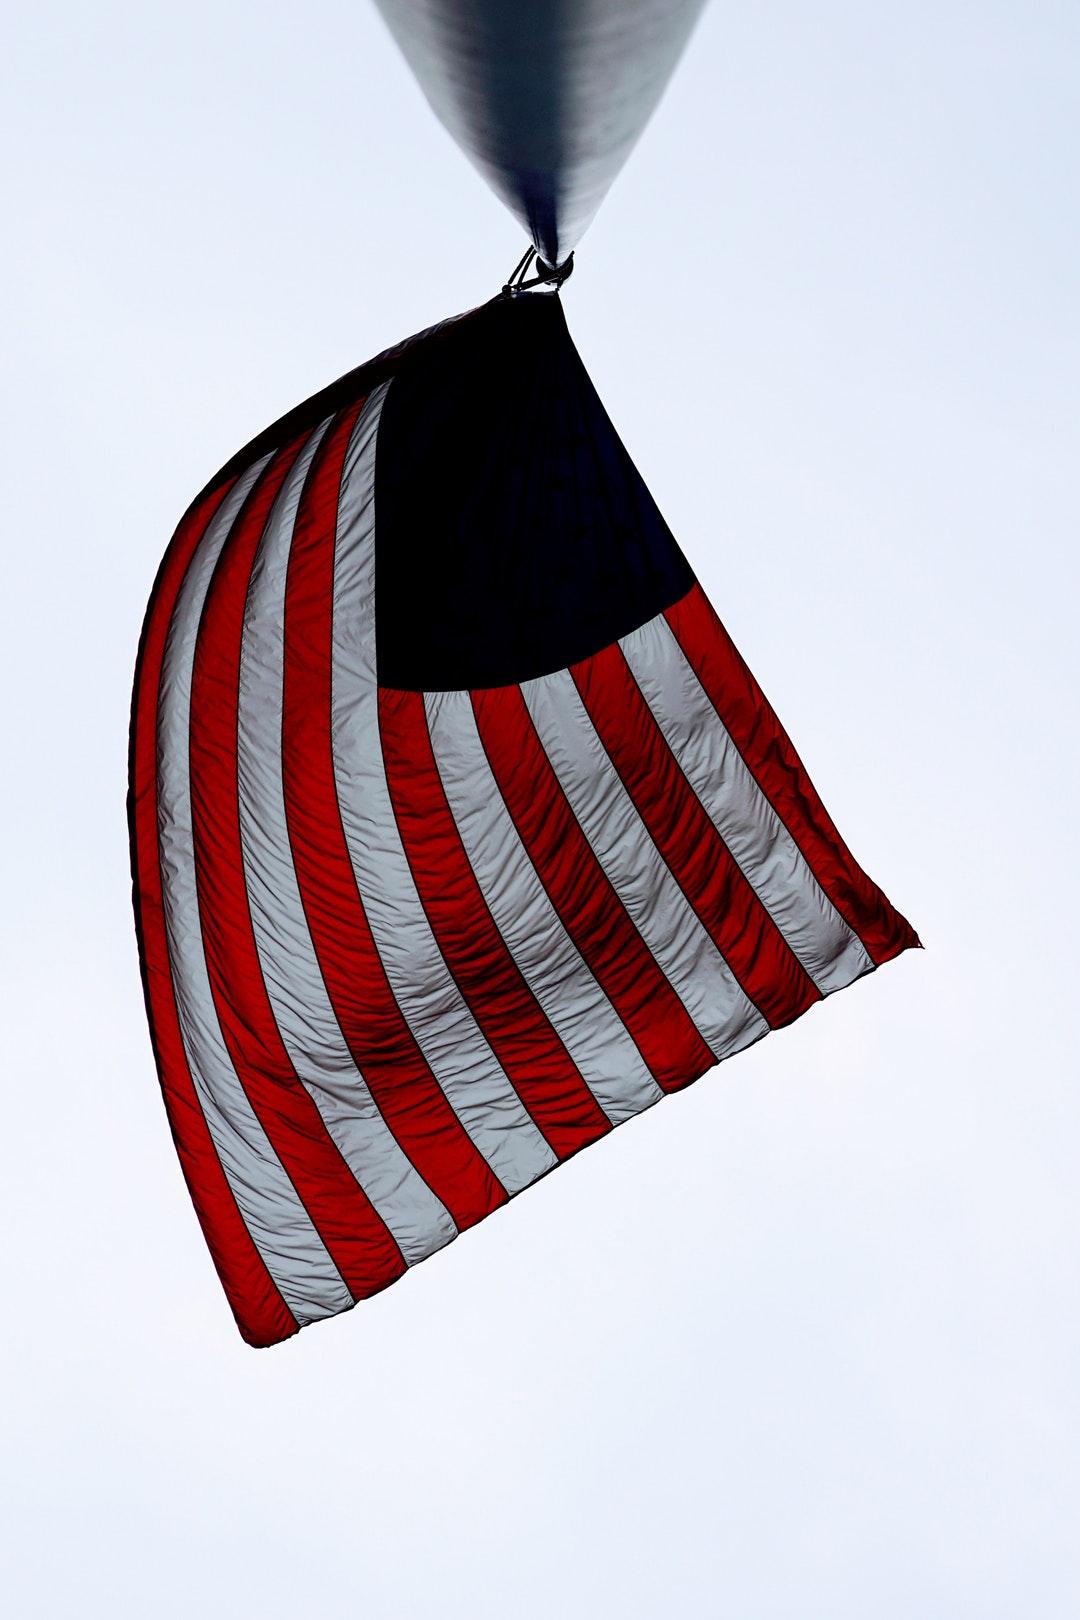 بالصور صور علم امريكا , مجموعة من الصور المختلفة لعلم دولة امريكا 912 12